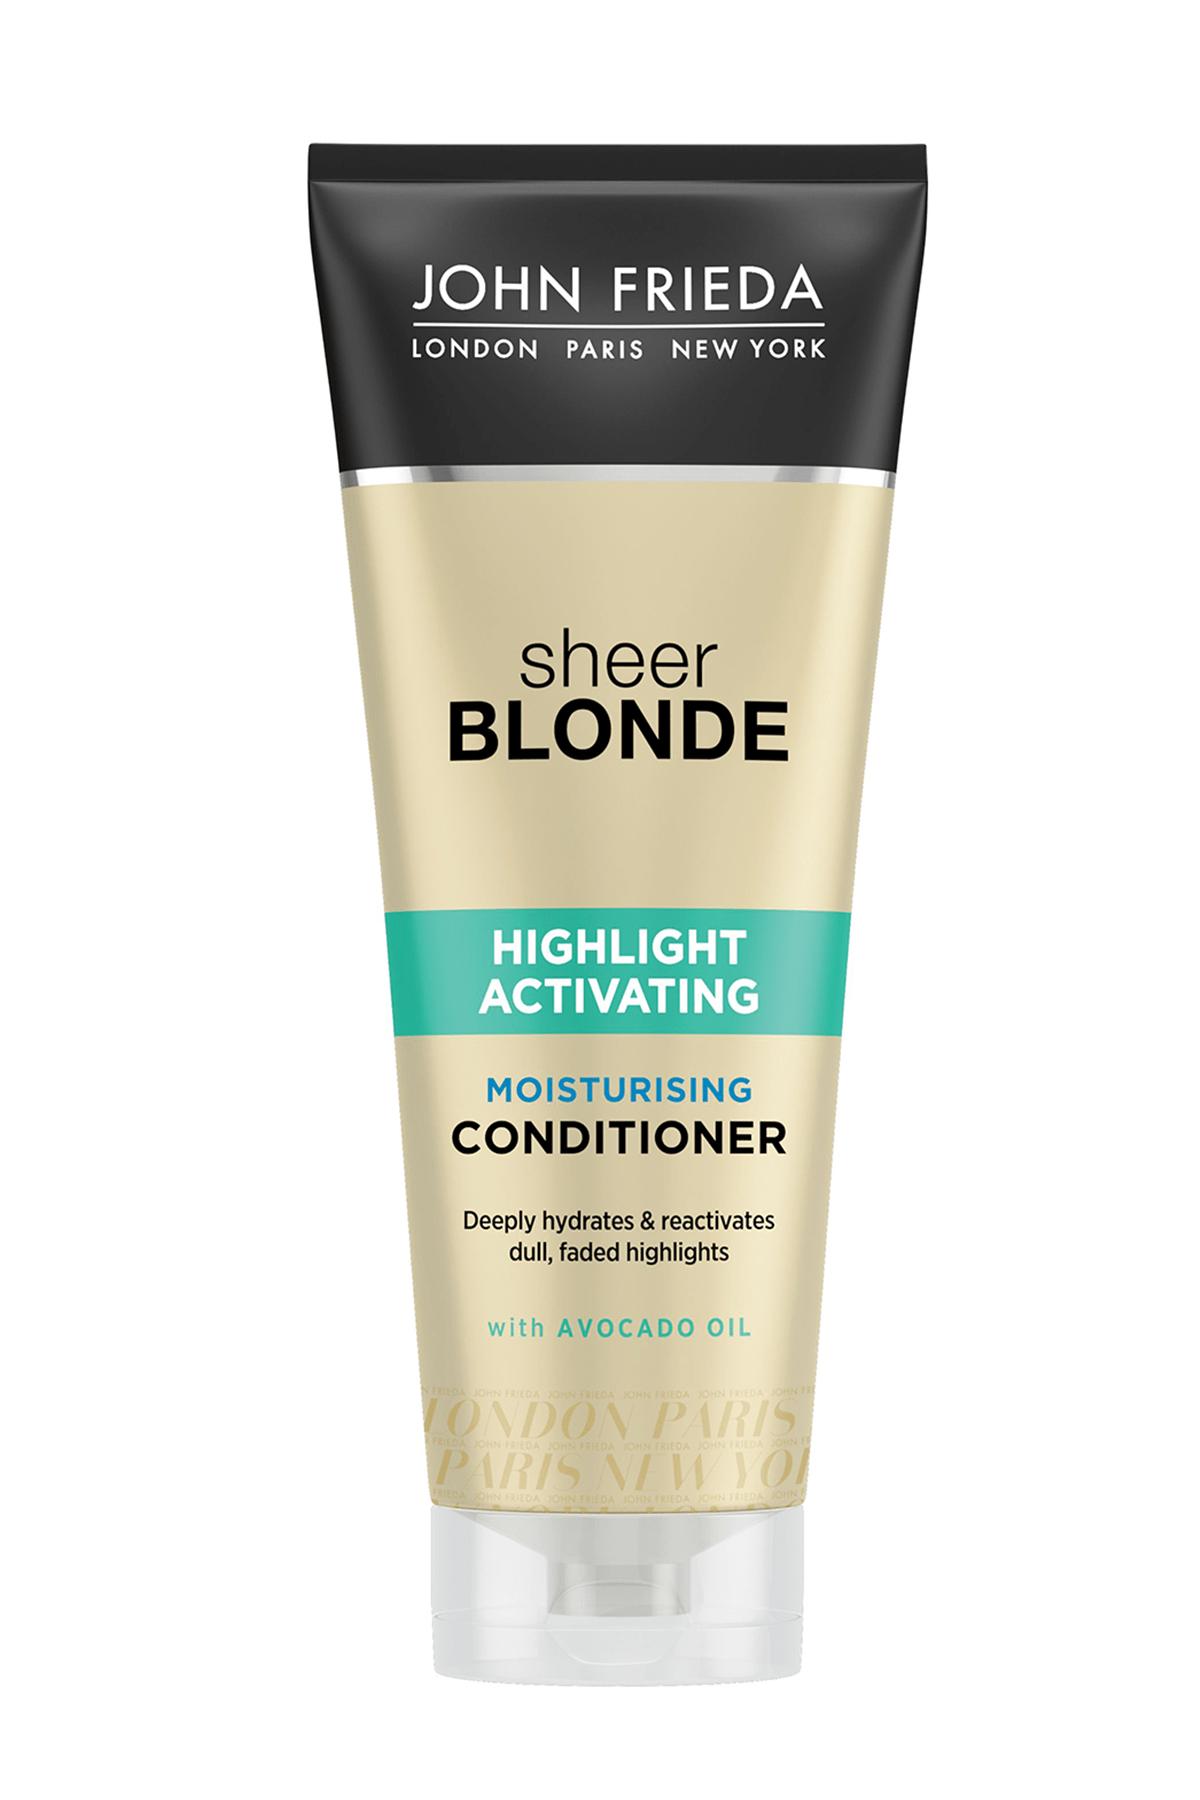 John Frieda Sarı Saçlara Özel Cansız Ve Rengi Solmuş Işıltılar İçin Renk Canlandırıcı Saç Bakım Kremi 250 ml 1